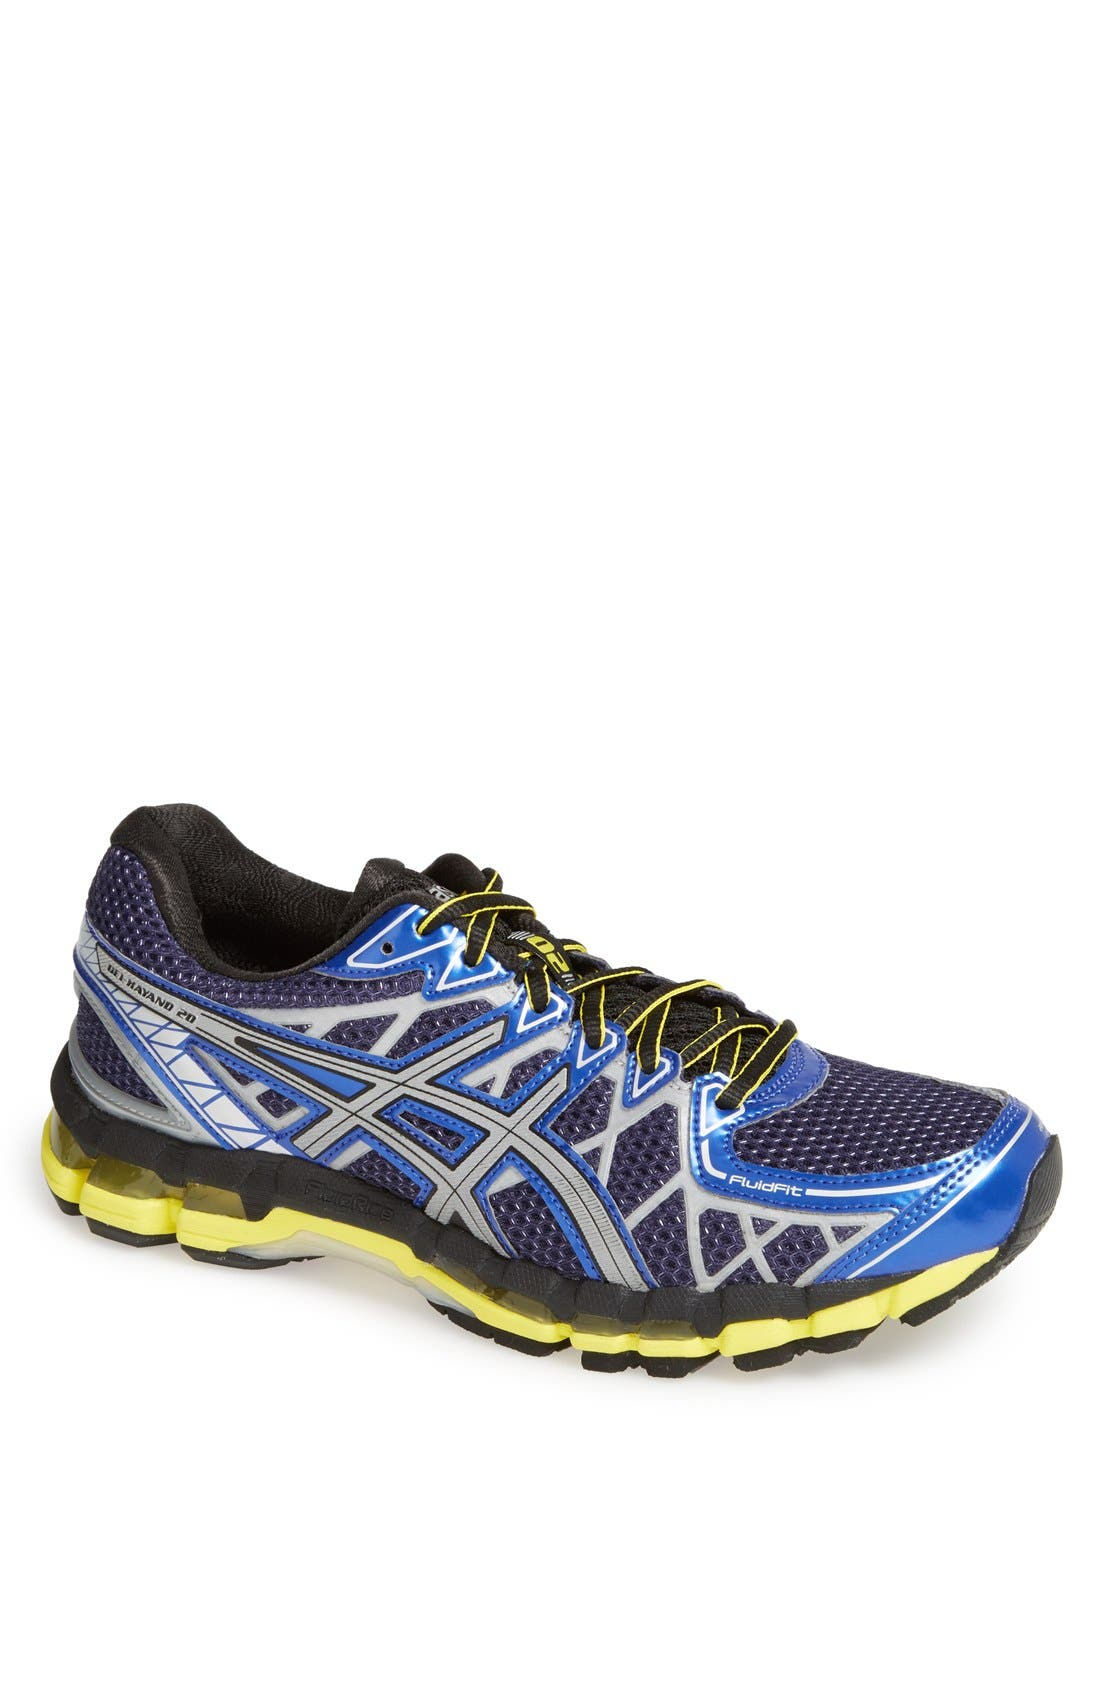 Main Image - ASICS® 'GEL-Kayano® 20 Lite' Running Shoe (Men)